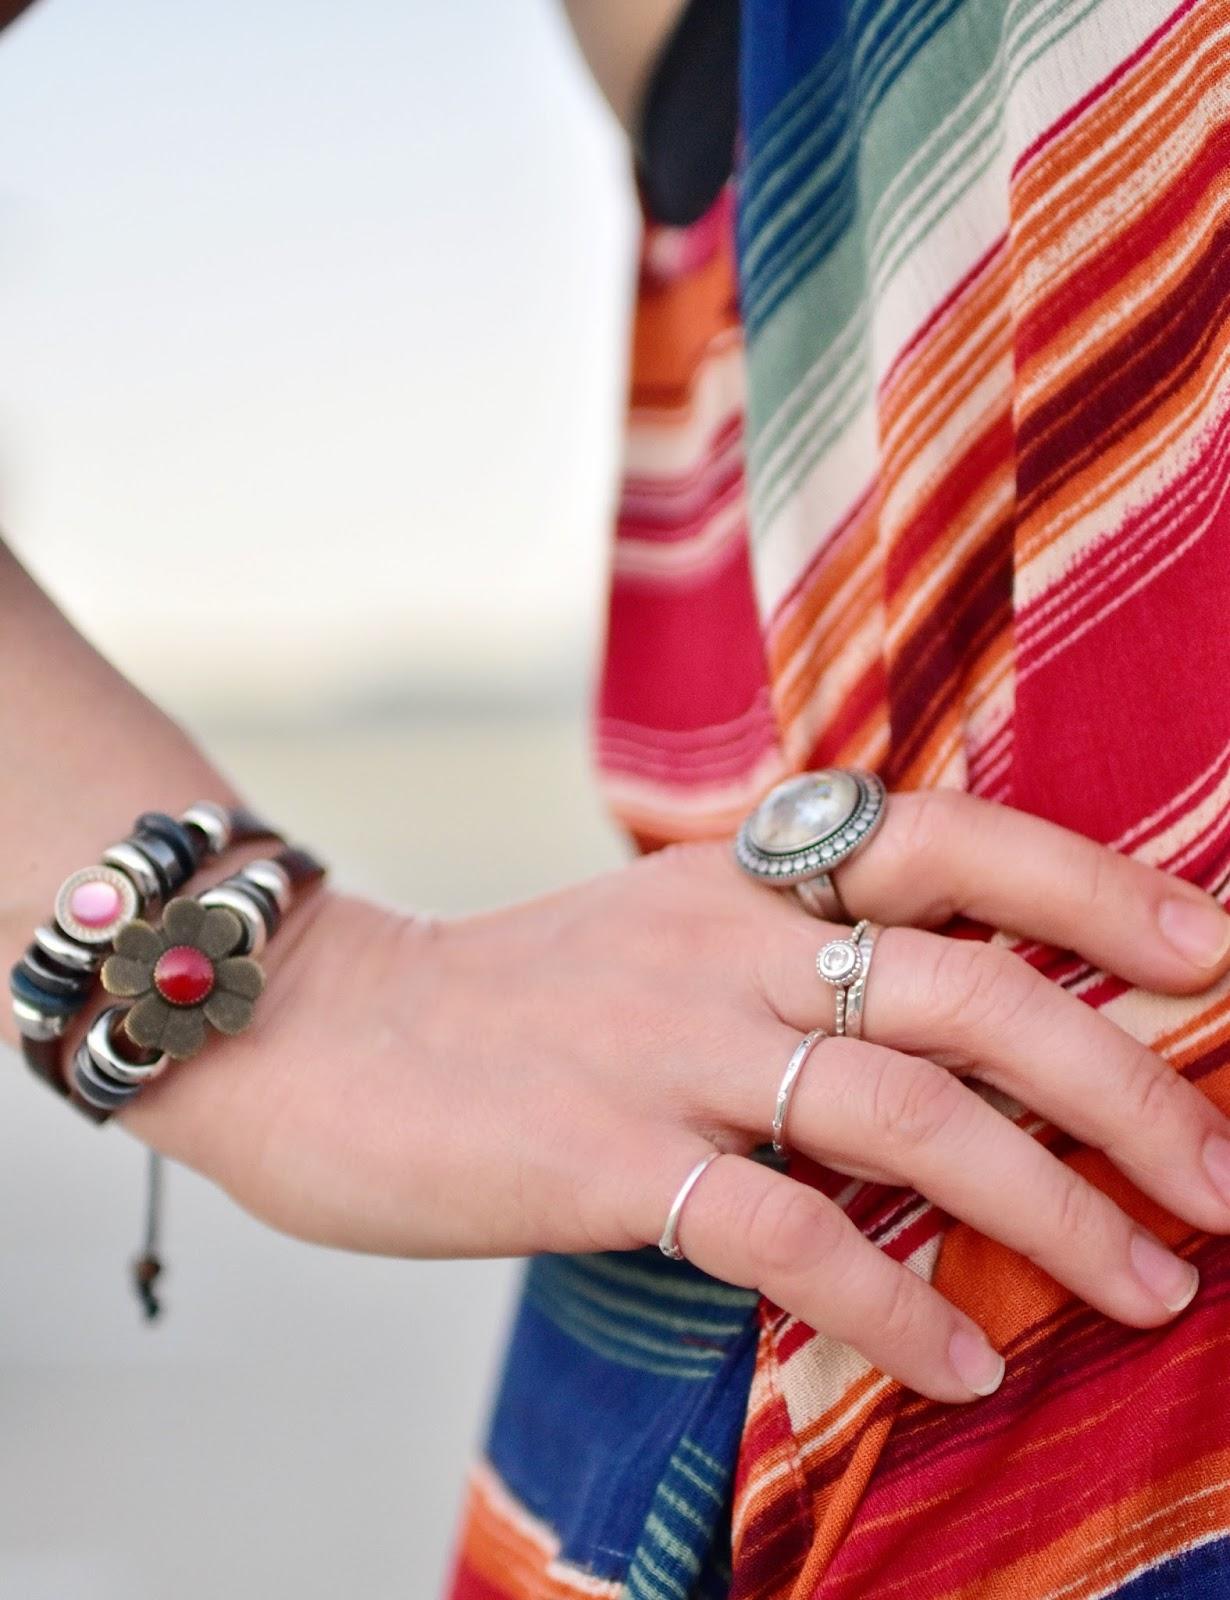 striped slipdress, beaded bracelet